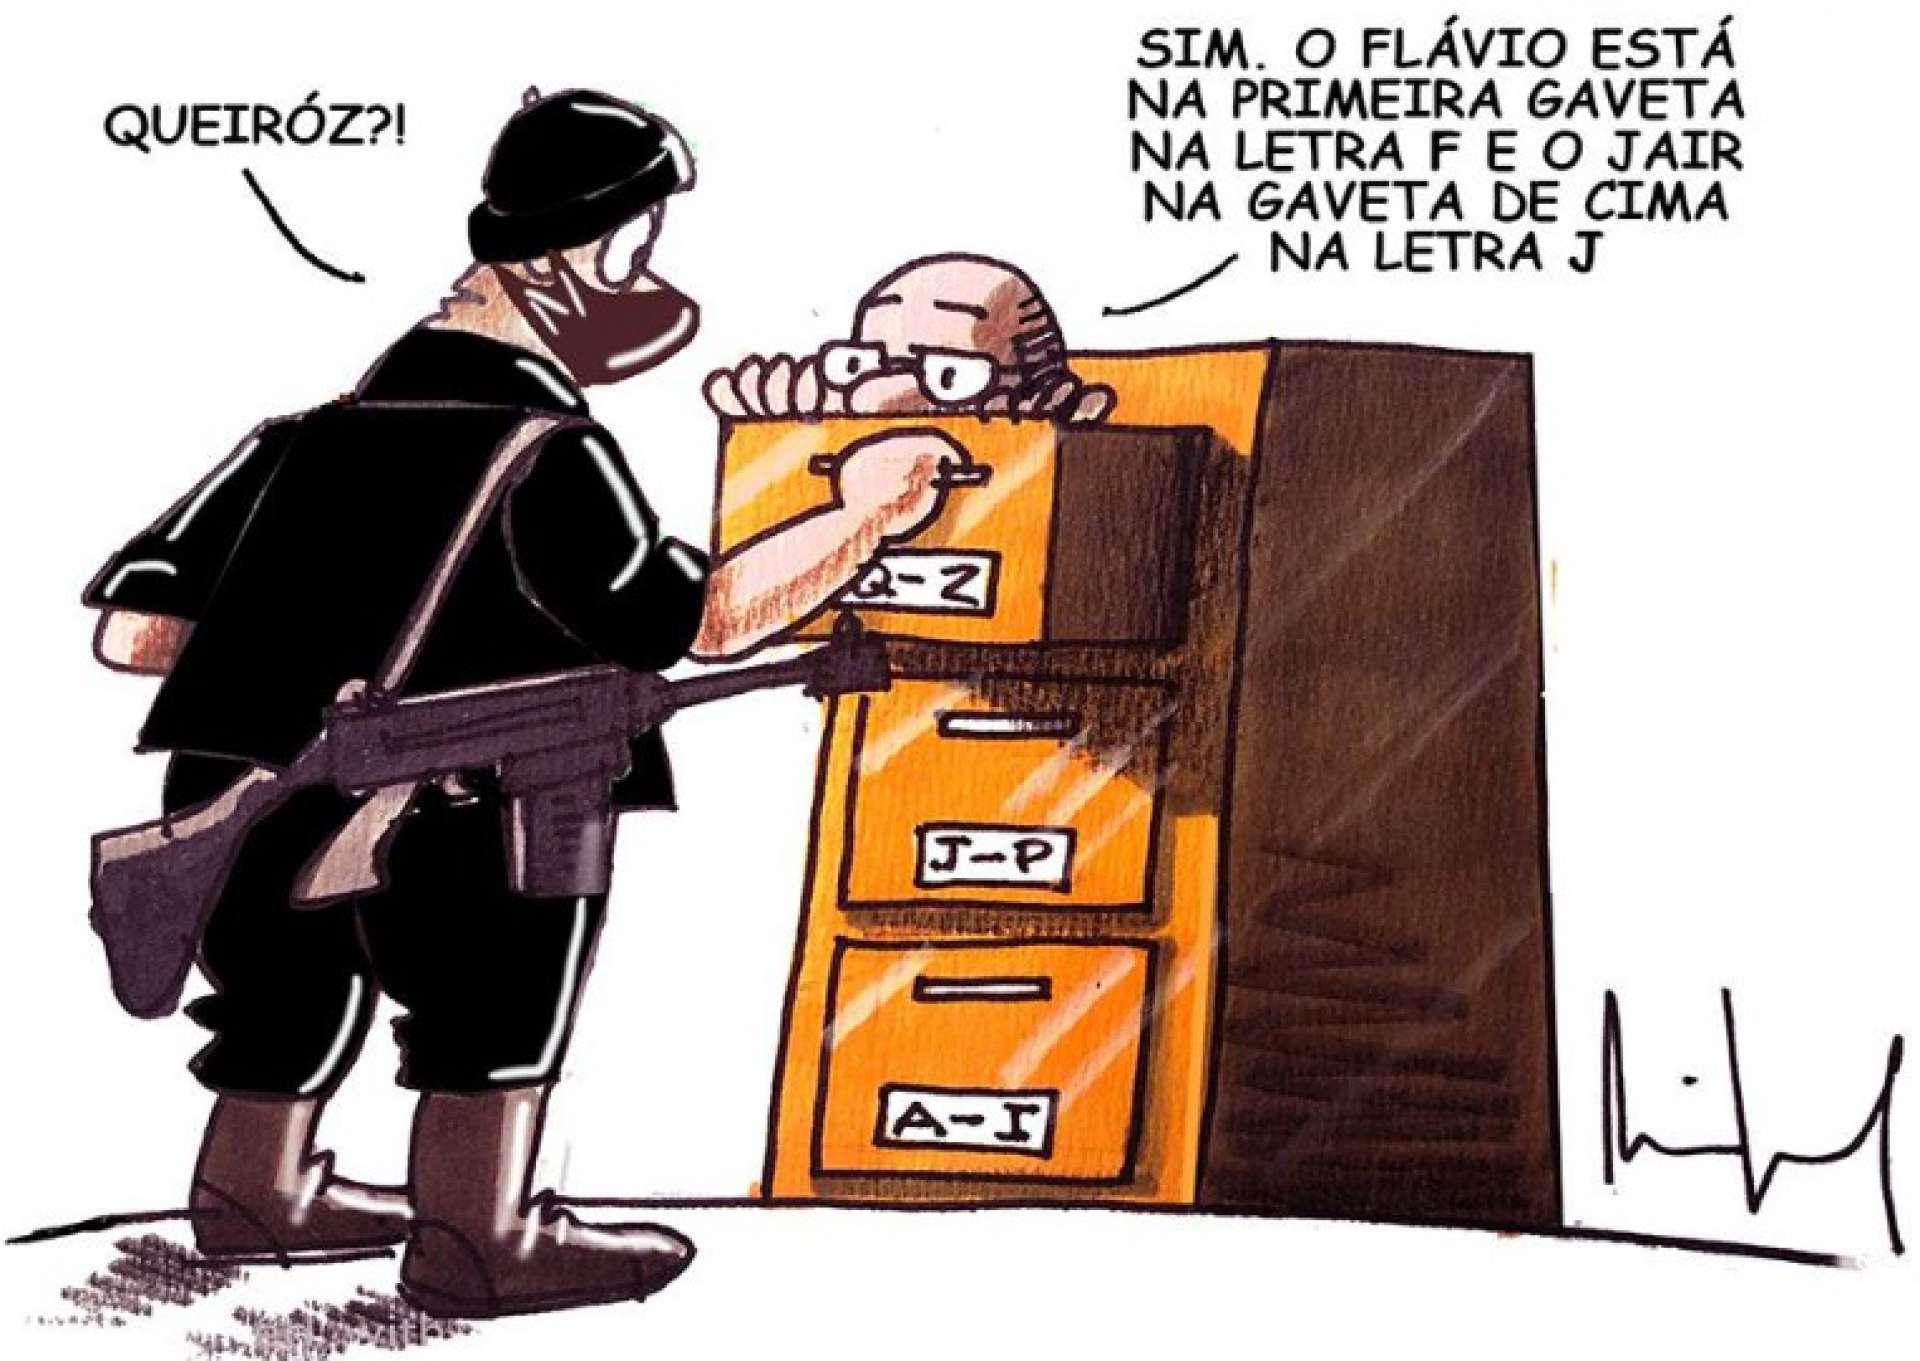 TRIBUNA DA INTERNET | Em depoimento, Queiroz diz desconhecer ...